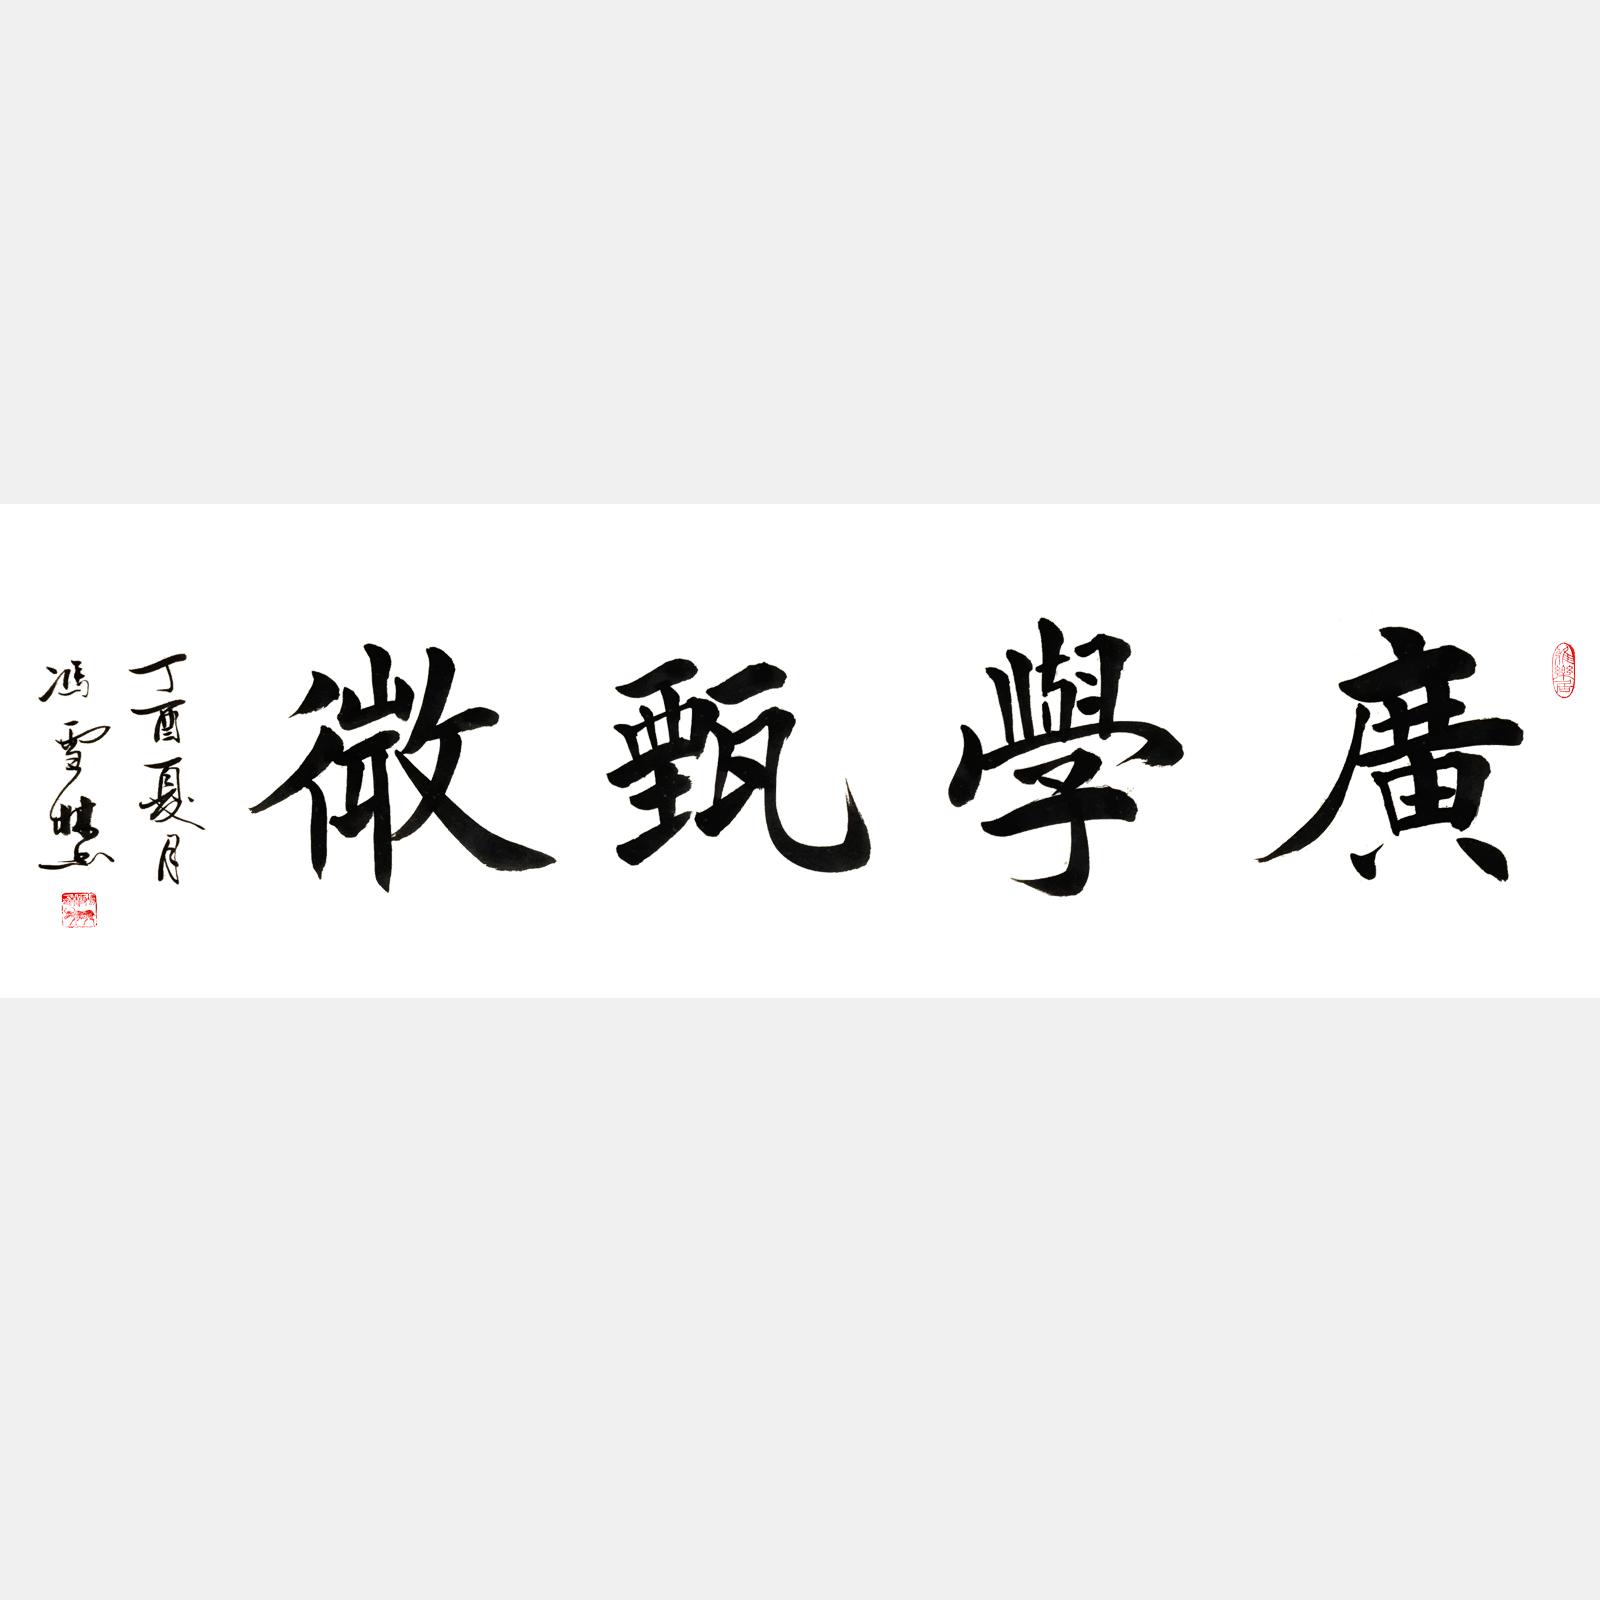 广学甄微 楷书书法作品 四尺横幅